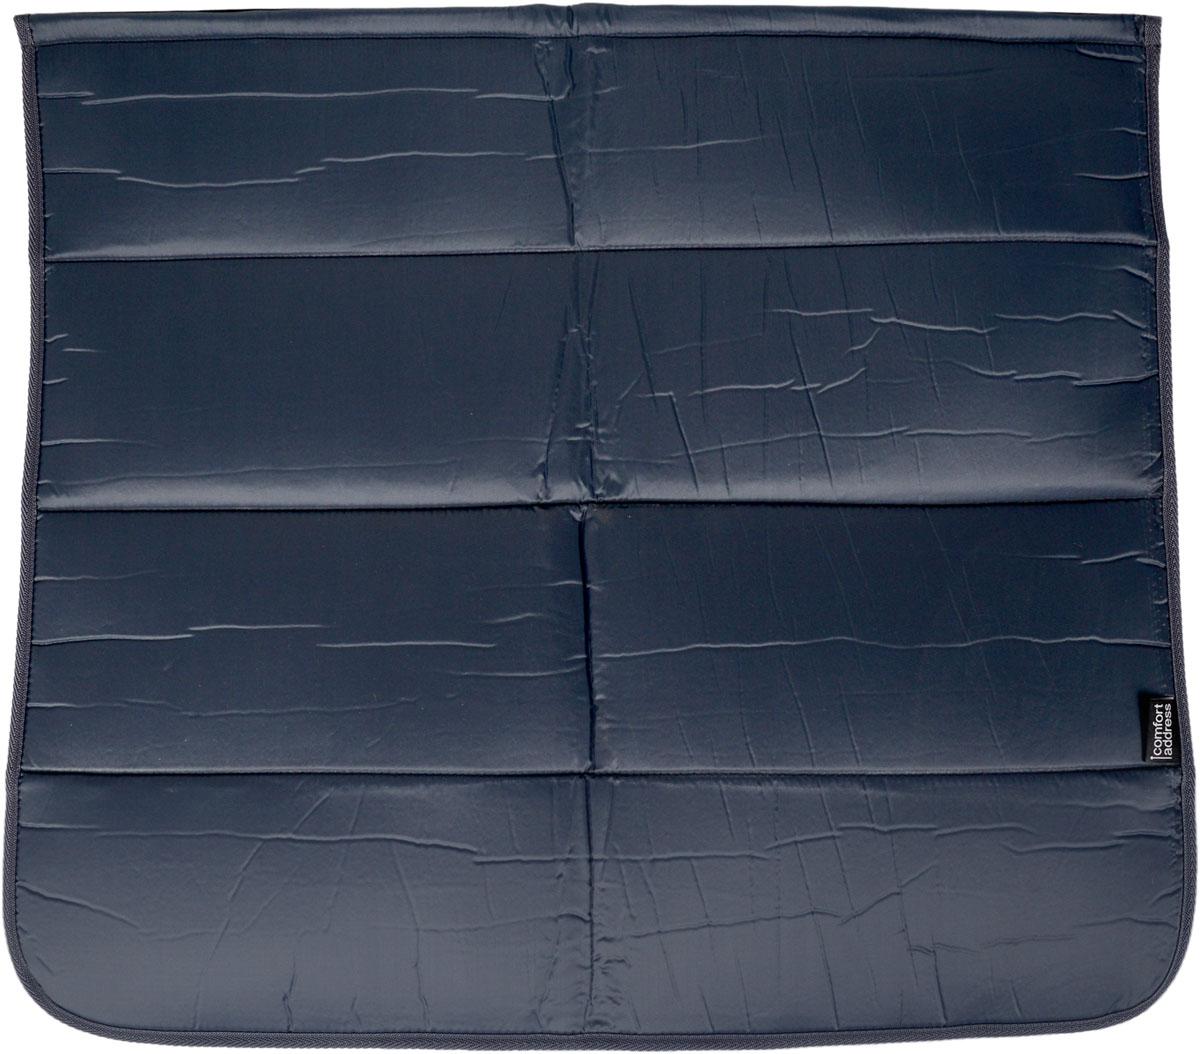 Накидка на бампер Comfort Adress, цвет: серый, 75 х 65 смdaf 007_серыйНакидка на бампер Comfort Adress предназначена для защиты одежды от грязи при погрузке или выгрузке вещей из багажника, при работе в моторном отсеке, во время долива масла или незамерзающей жидкости. Также накидку можно использовать при установке домкрата и замене колеса. - Универсальна и проста в установке. - Крепится при помощи липучки. - В сложенном виде занимает всего лишь 15 см. - Обладает водоотталкивающими свойствами, проста в чистке.